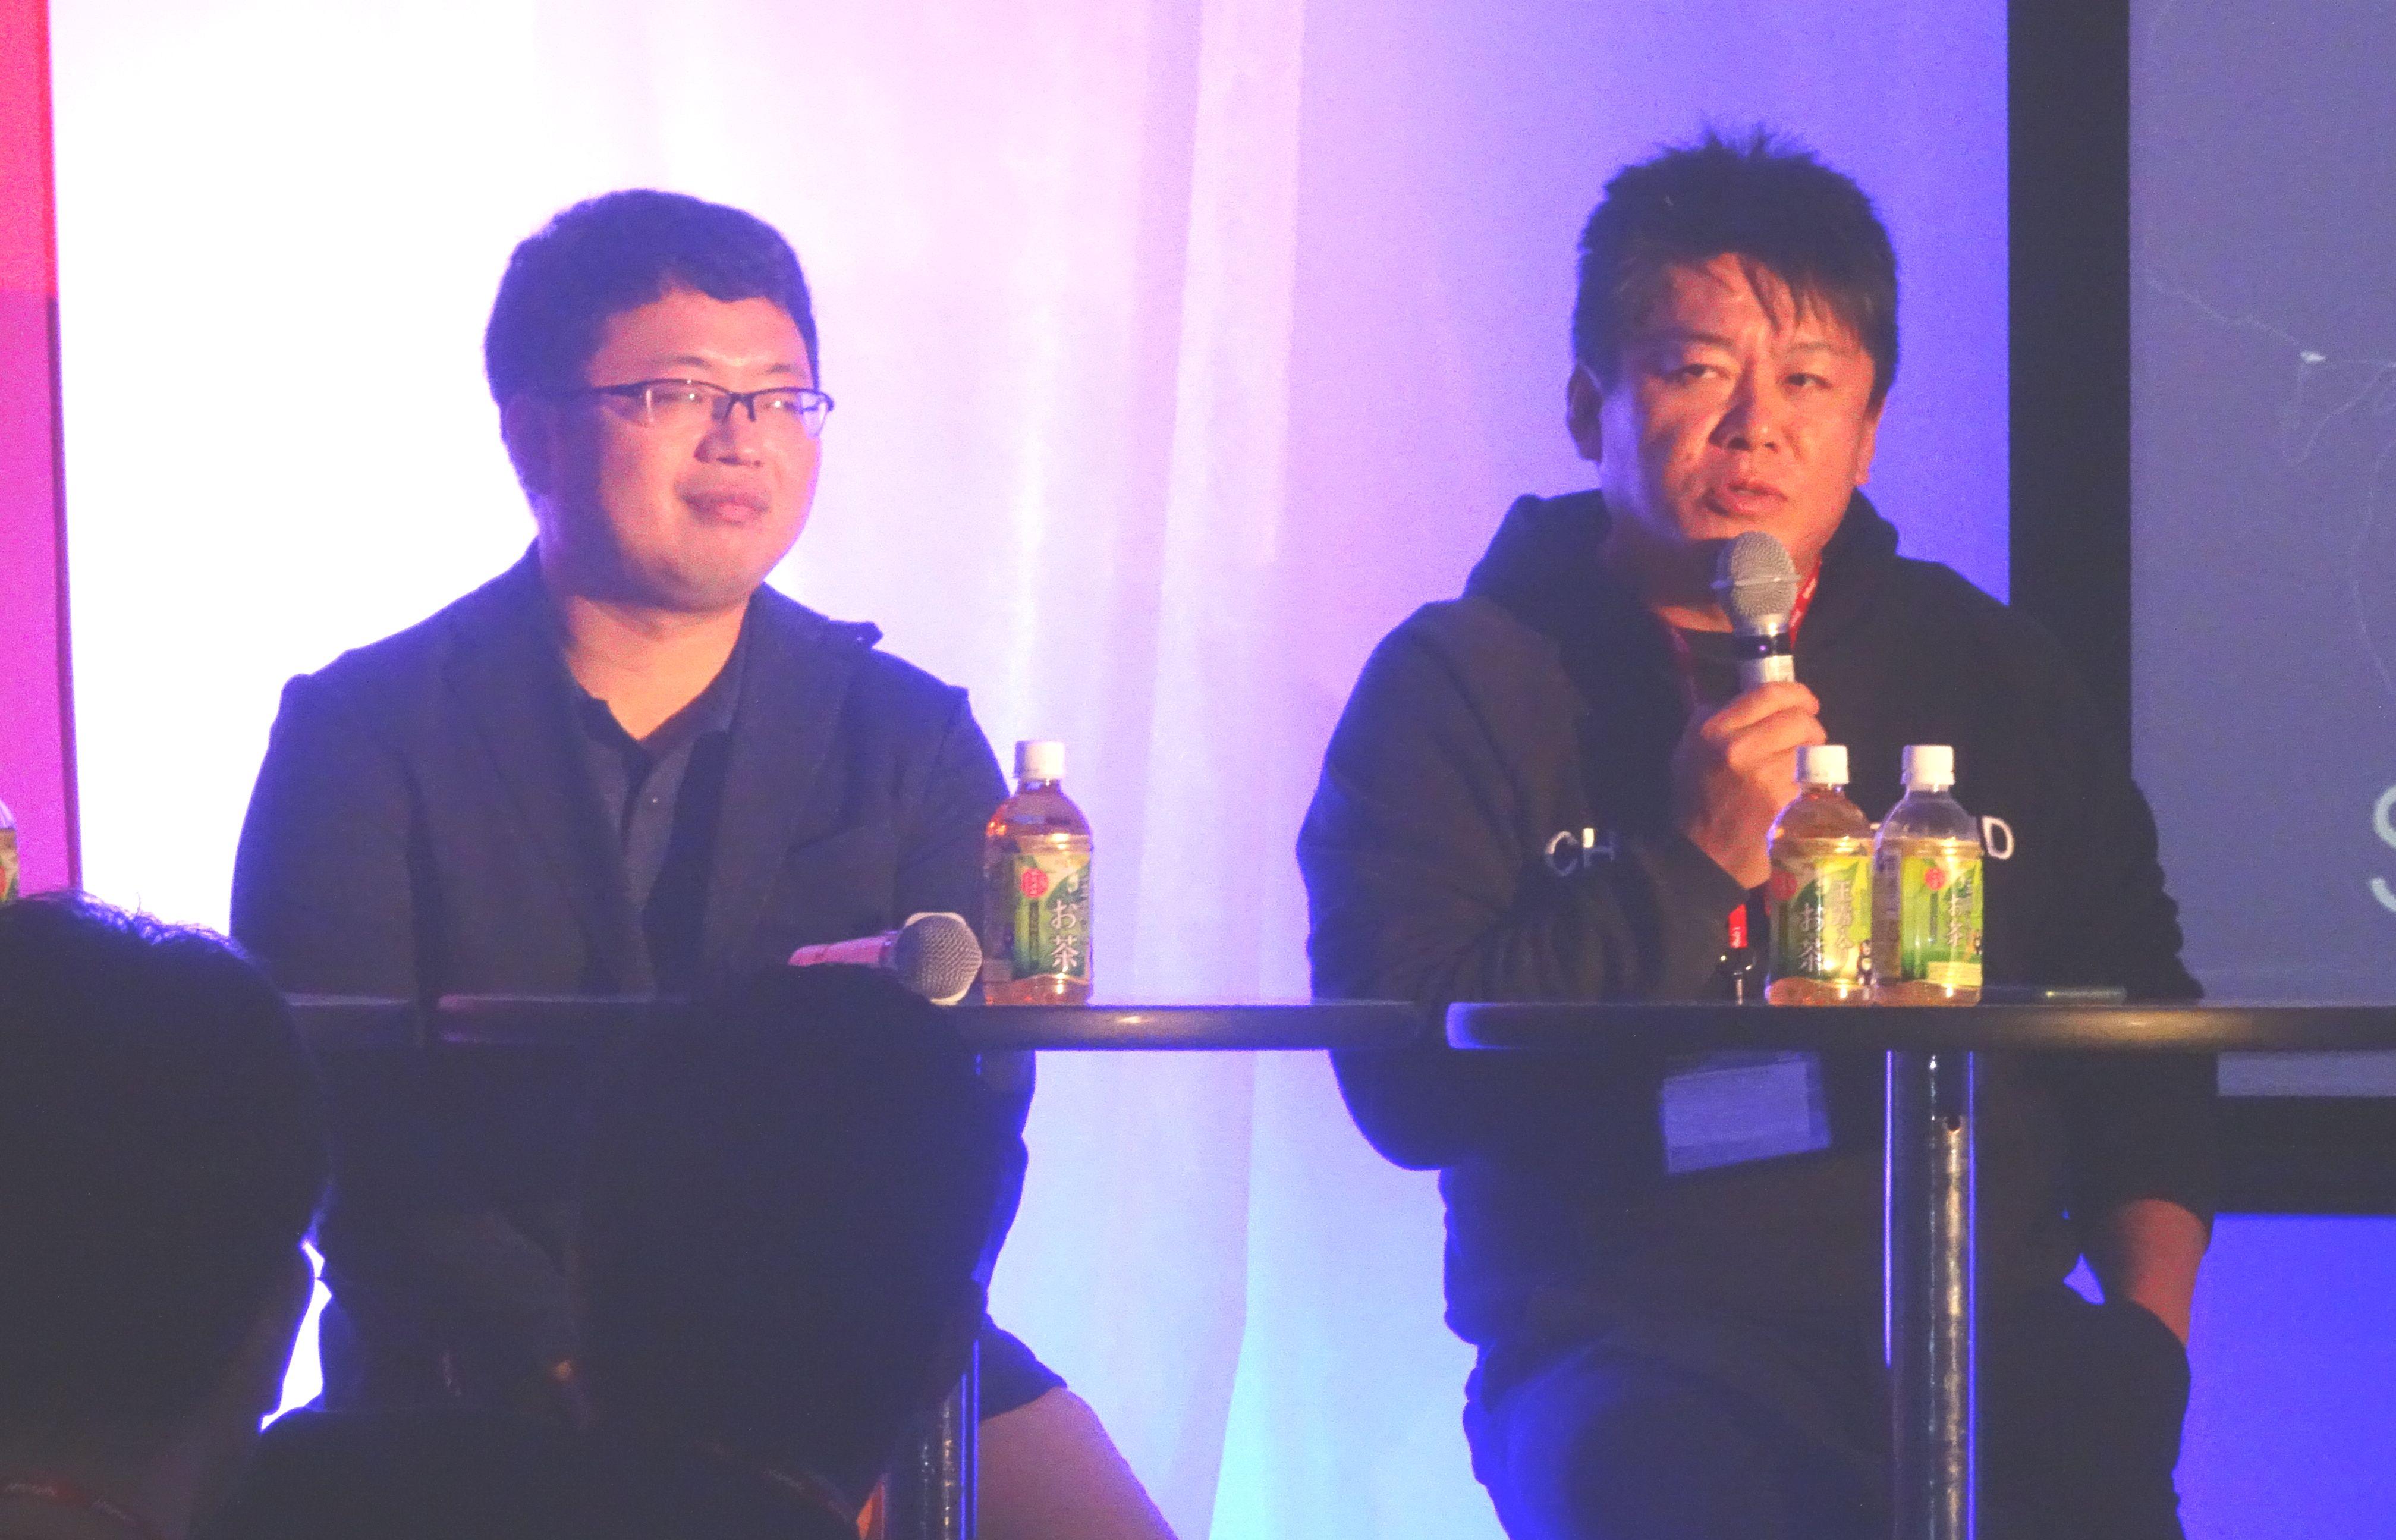 (左から)ISTの稲川大貴社長、堀江貴文取締役